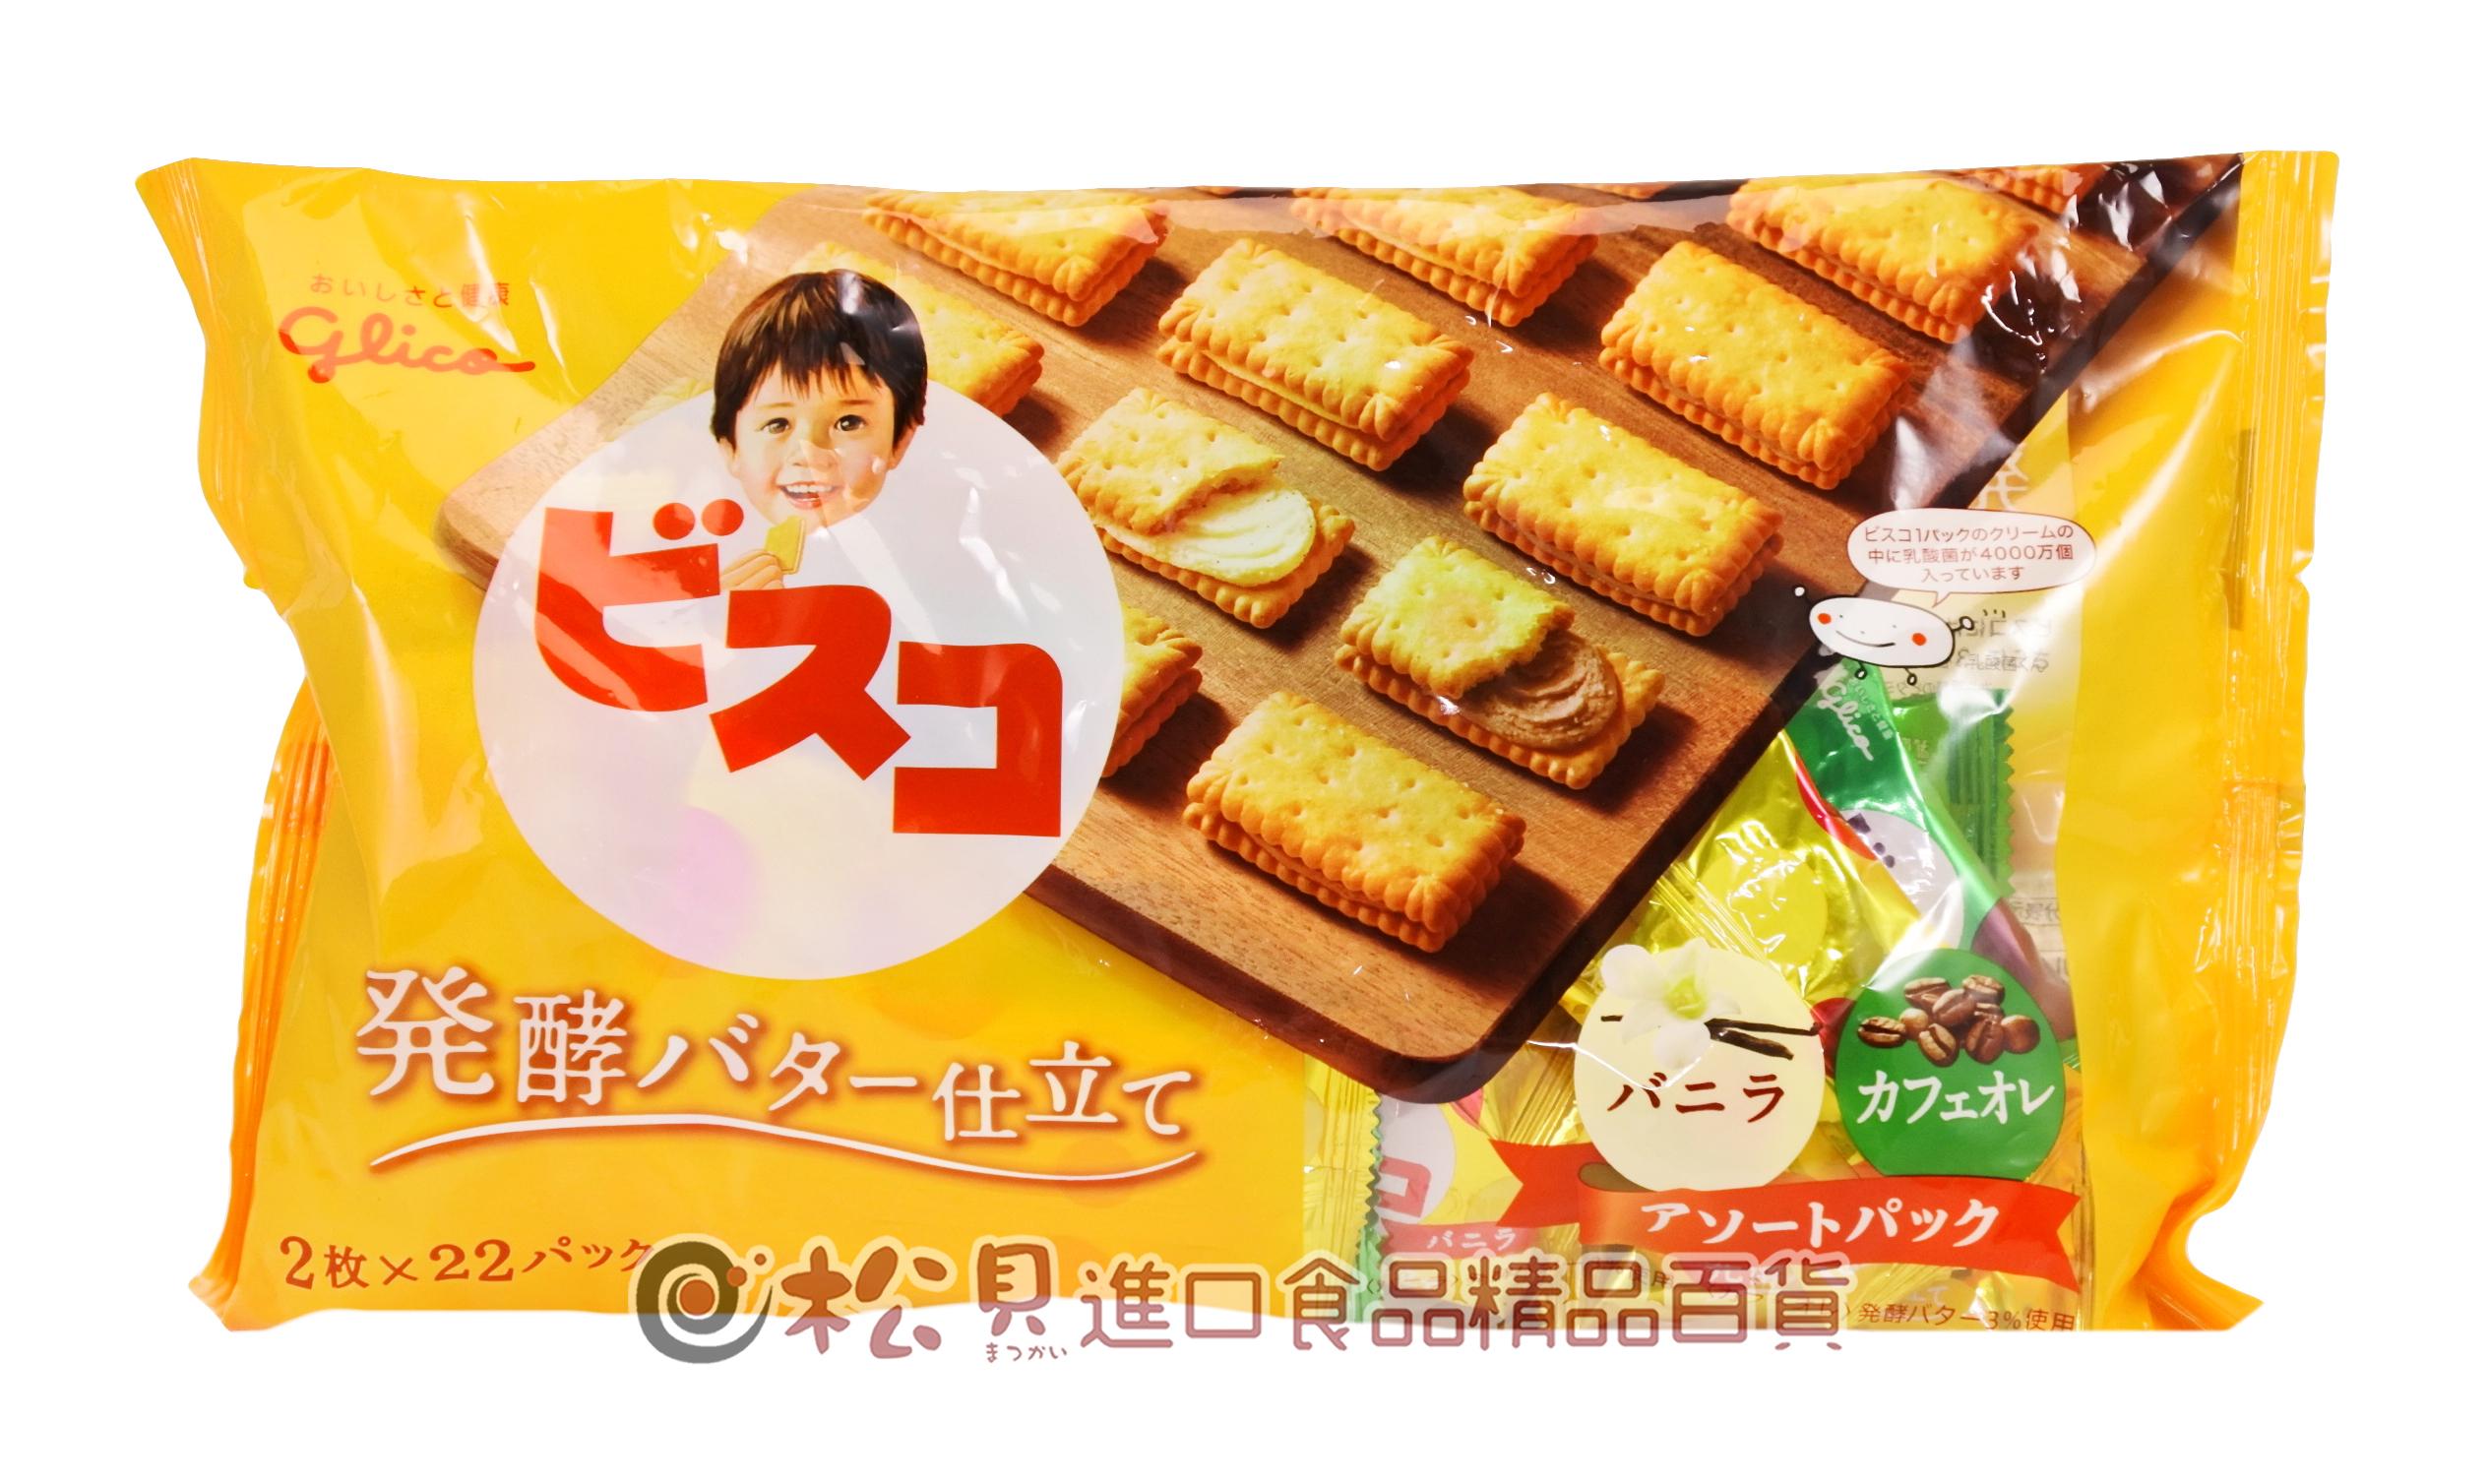 固力果嬰兒夾心餅(香草&咖啡)190g【4901005531048】.jpg